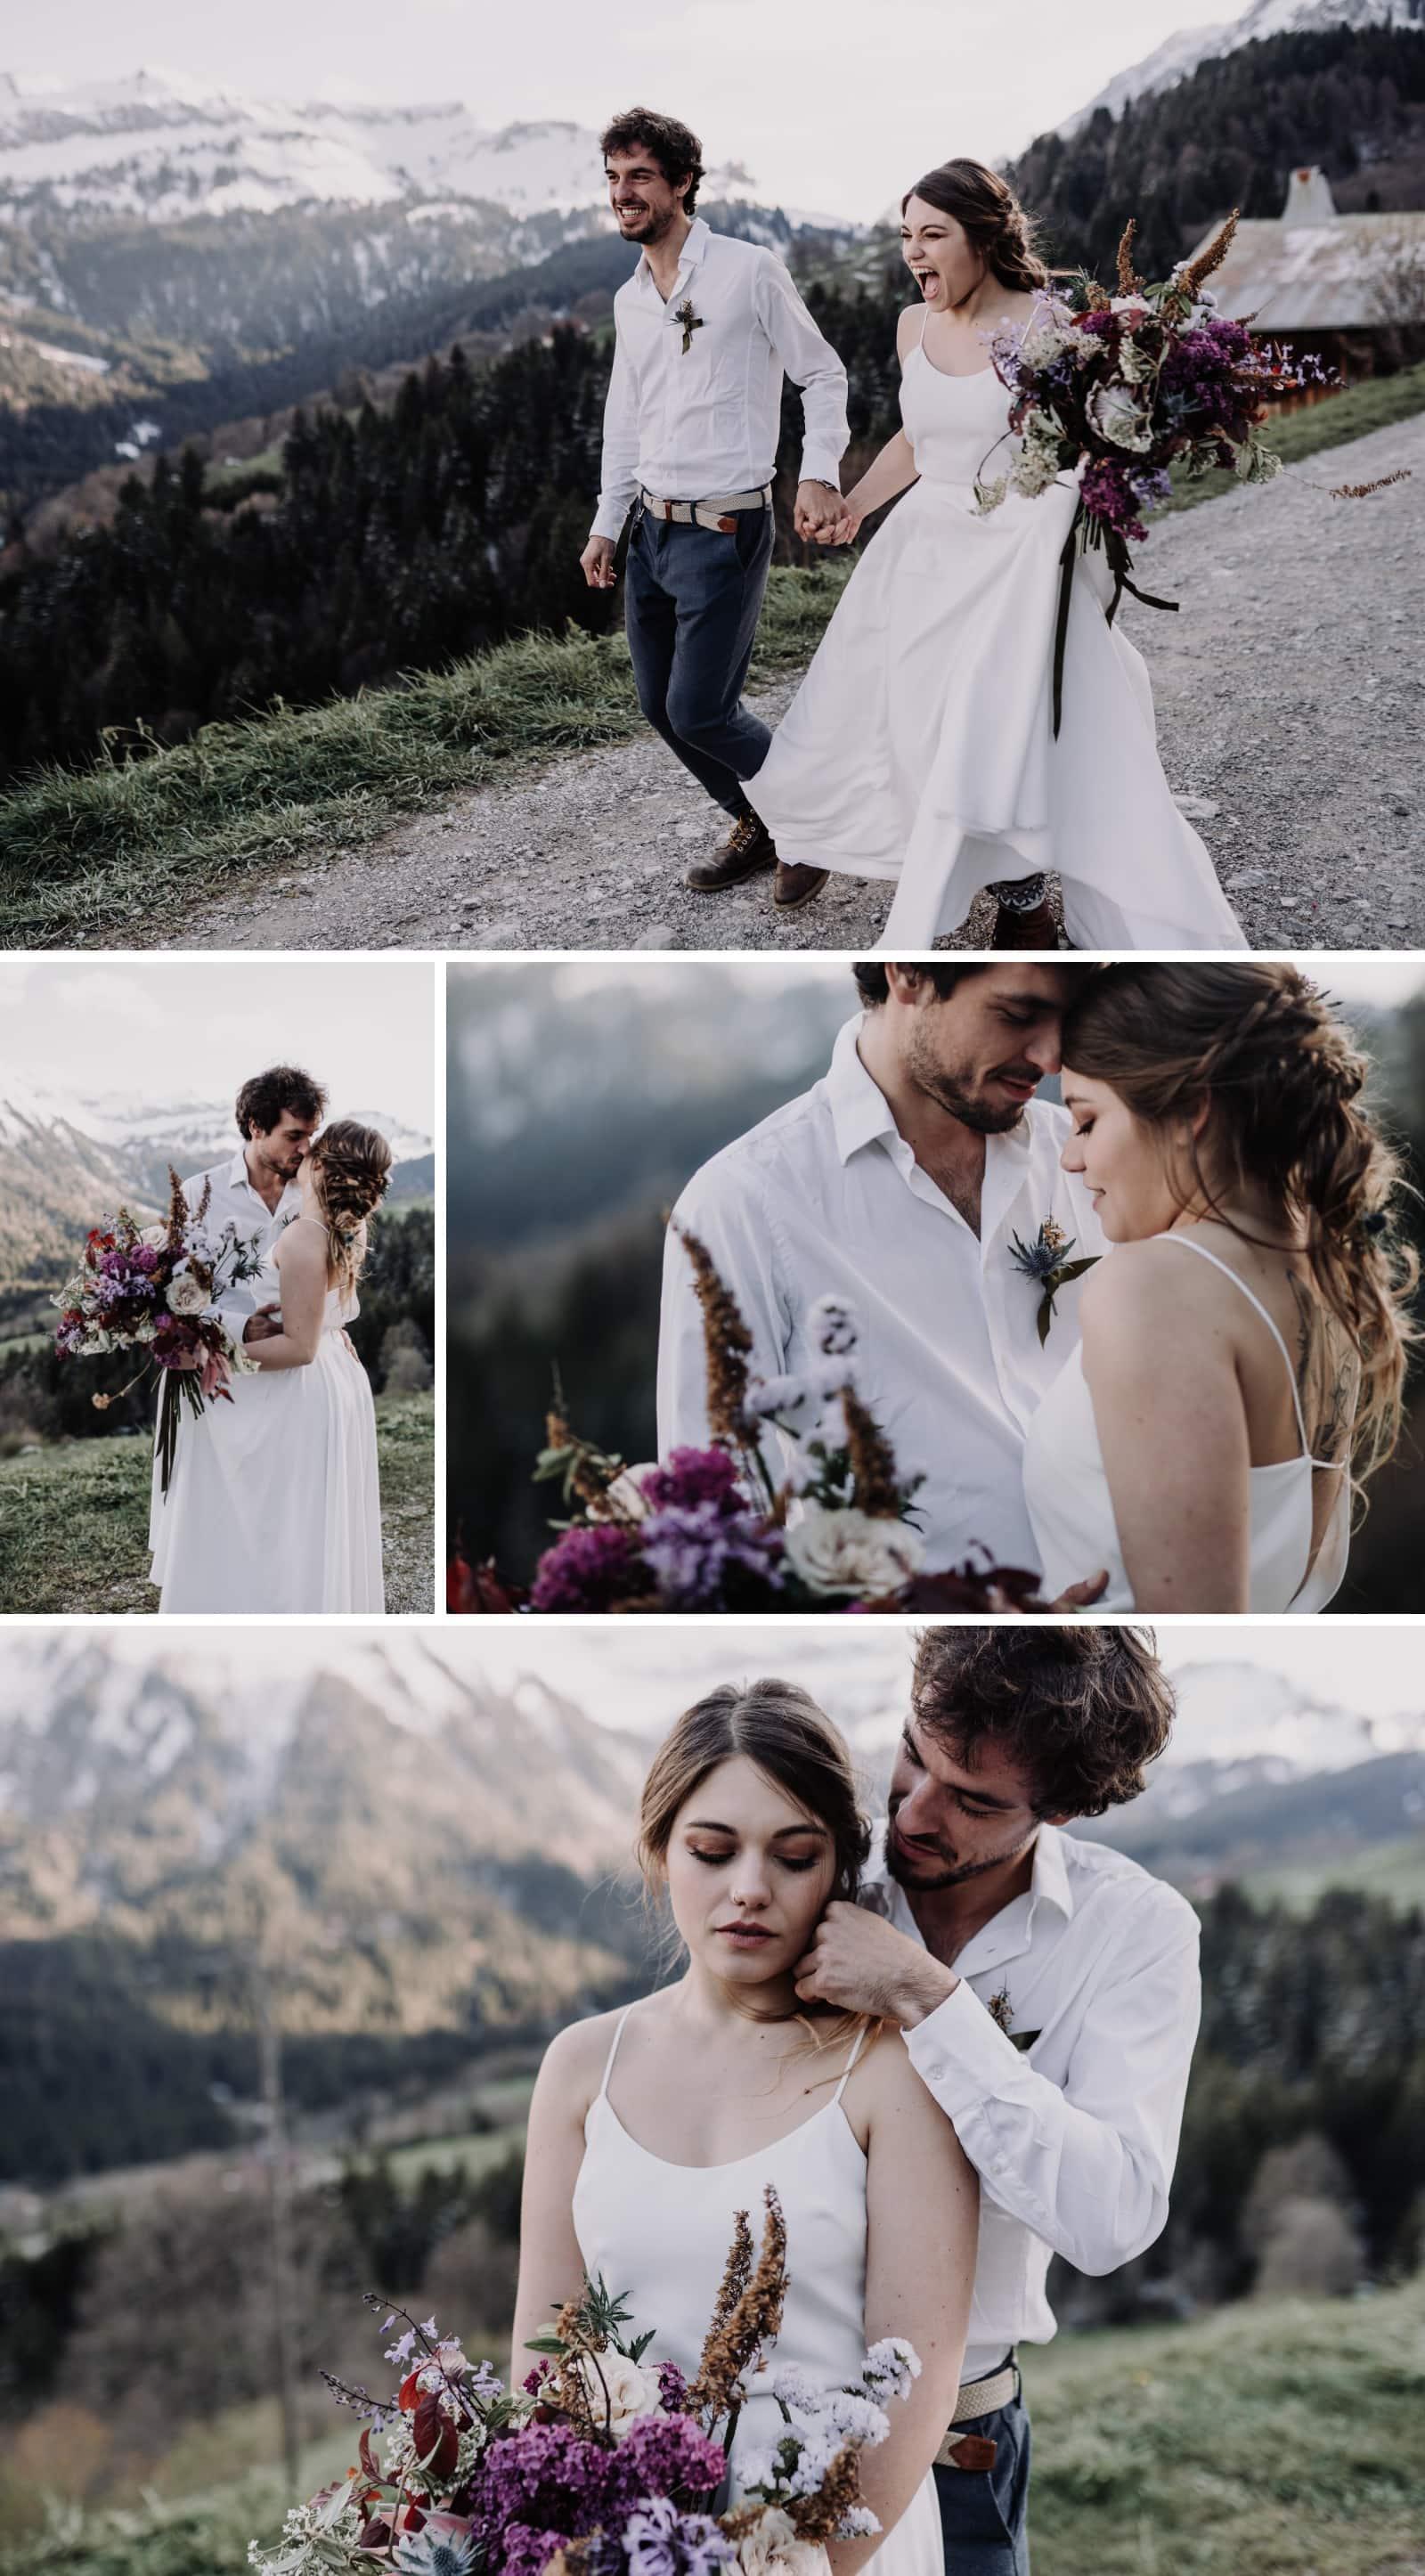 séance couple elopement boheme